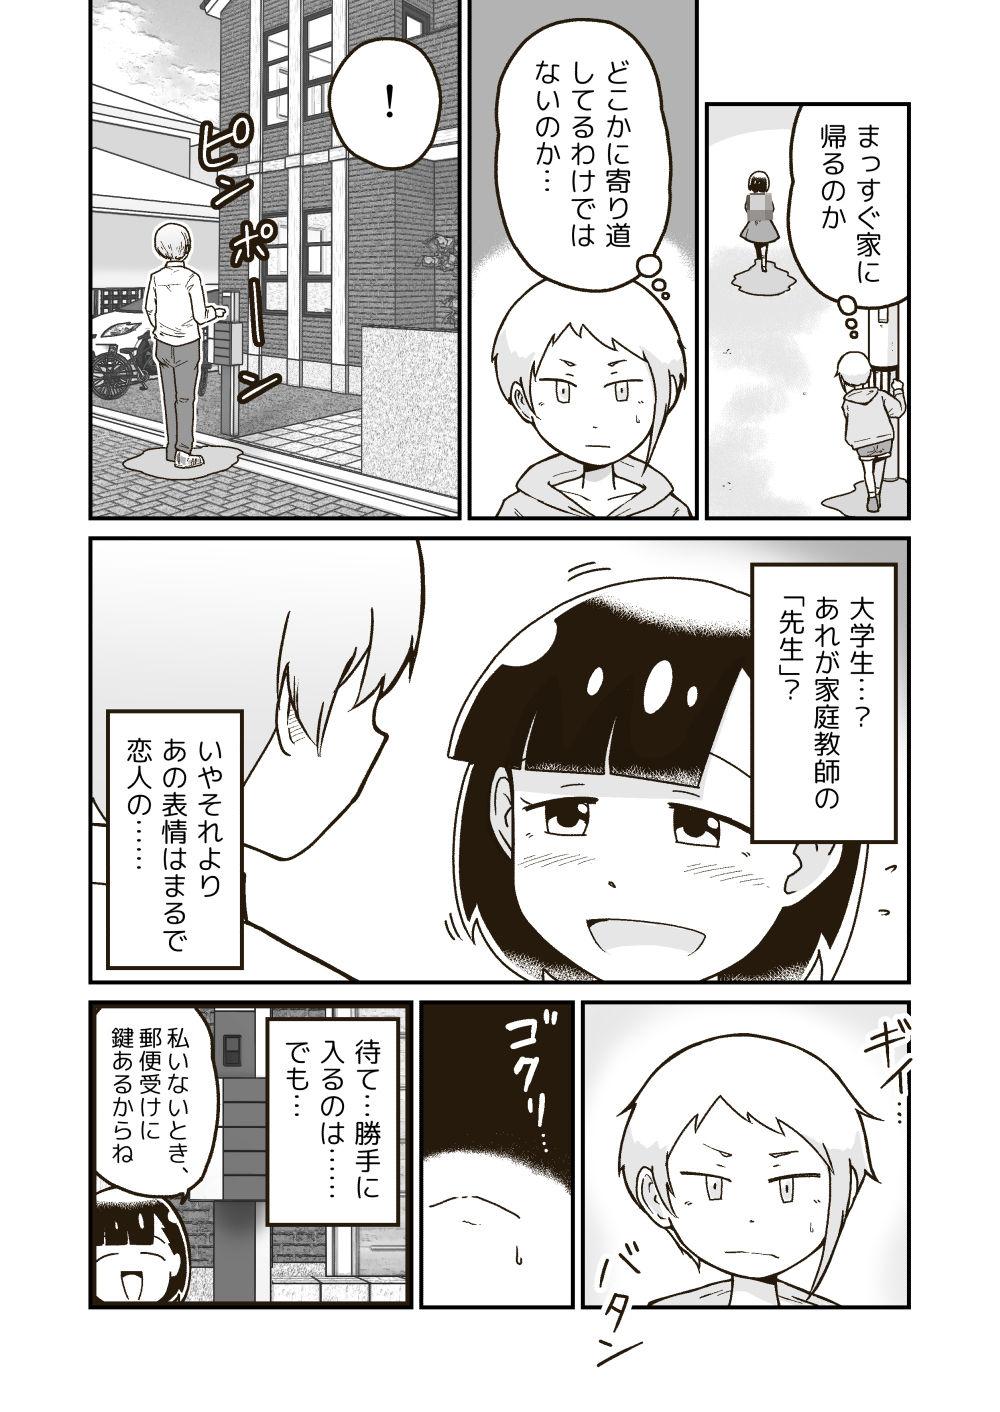 【エロ漫画無料大全集】【エロ同人誌オリジナル】幼馴染との女の子が家庭教師にパンツ脱がされていて…